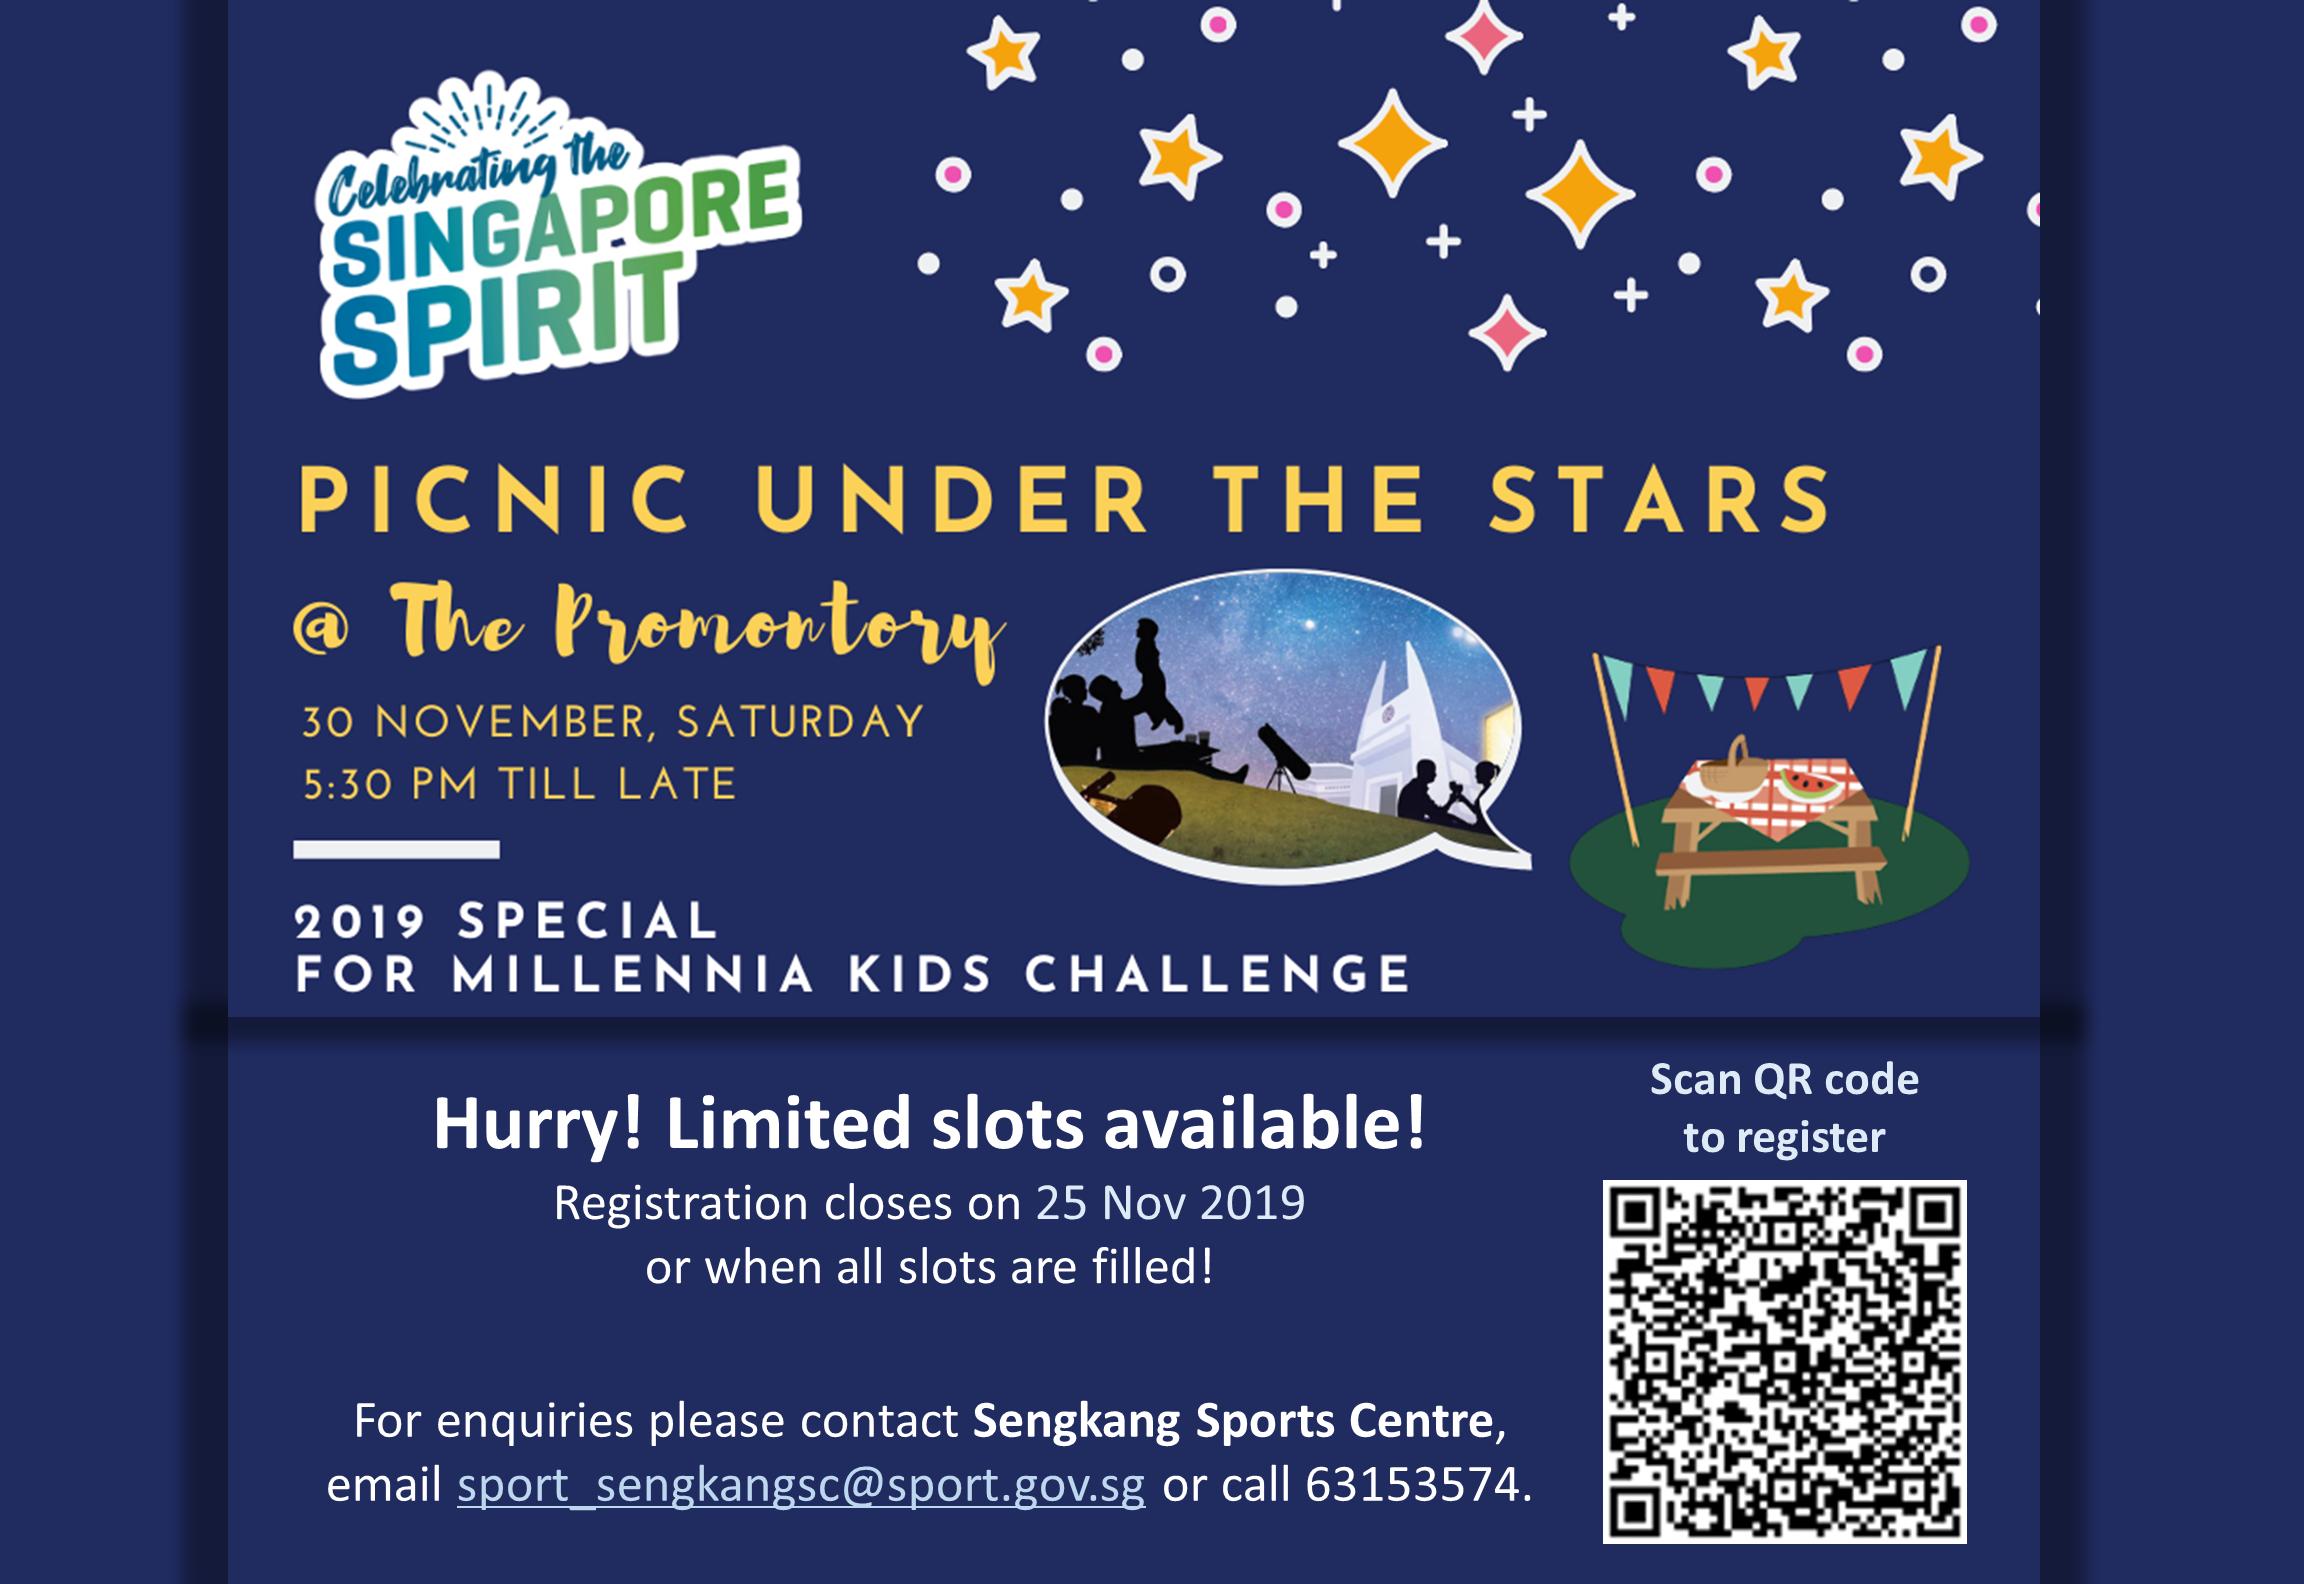 Millennia Kids Challenge 2019